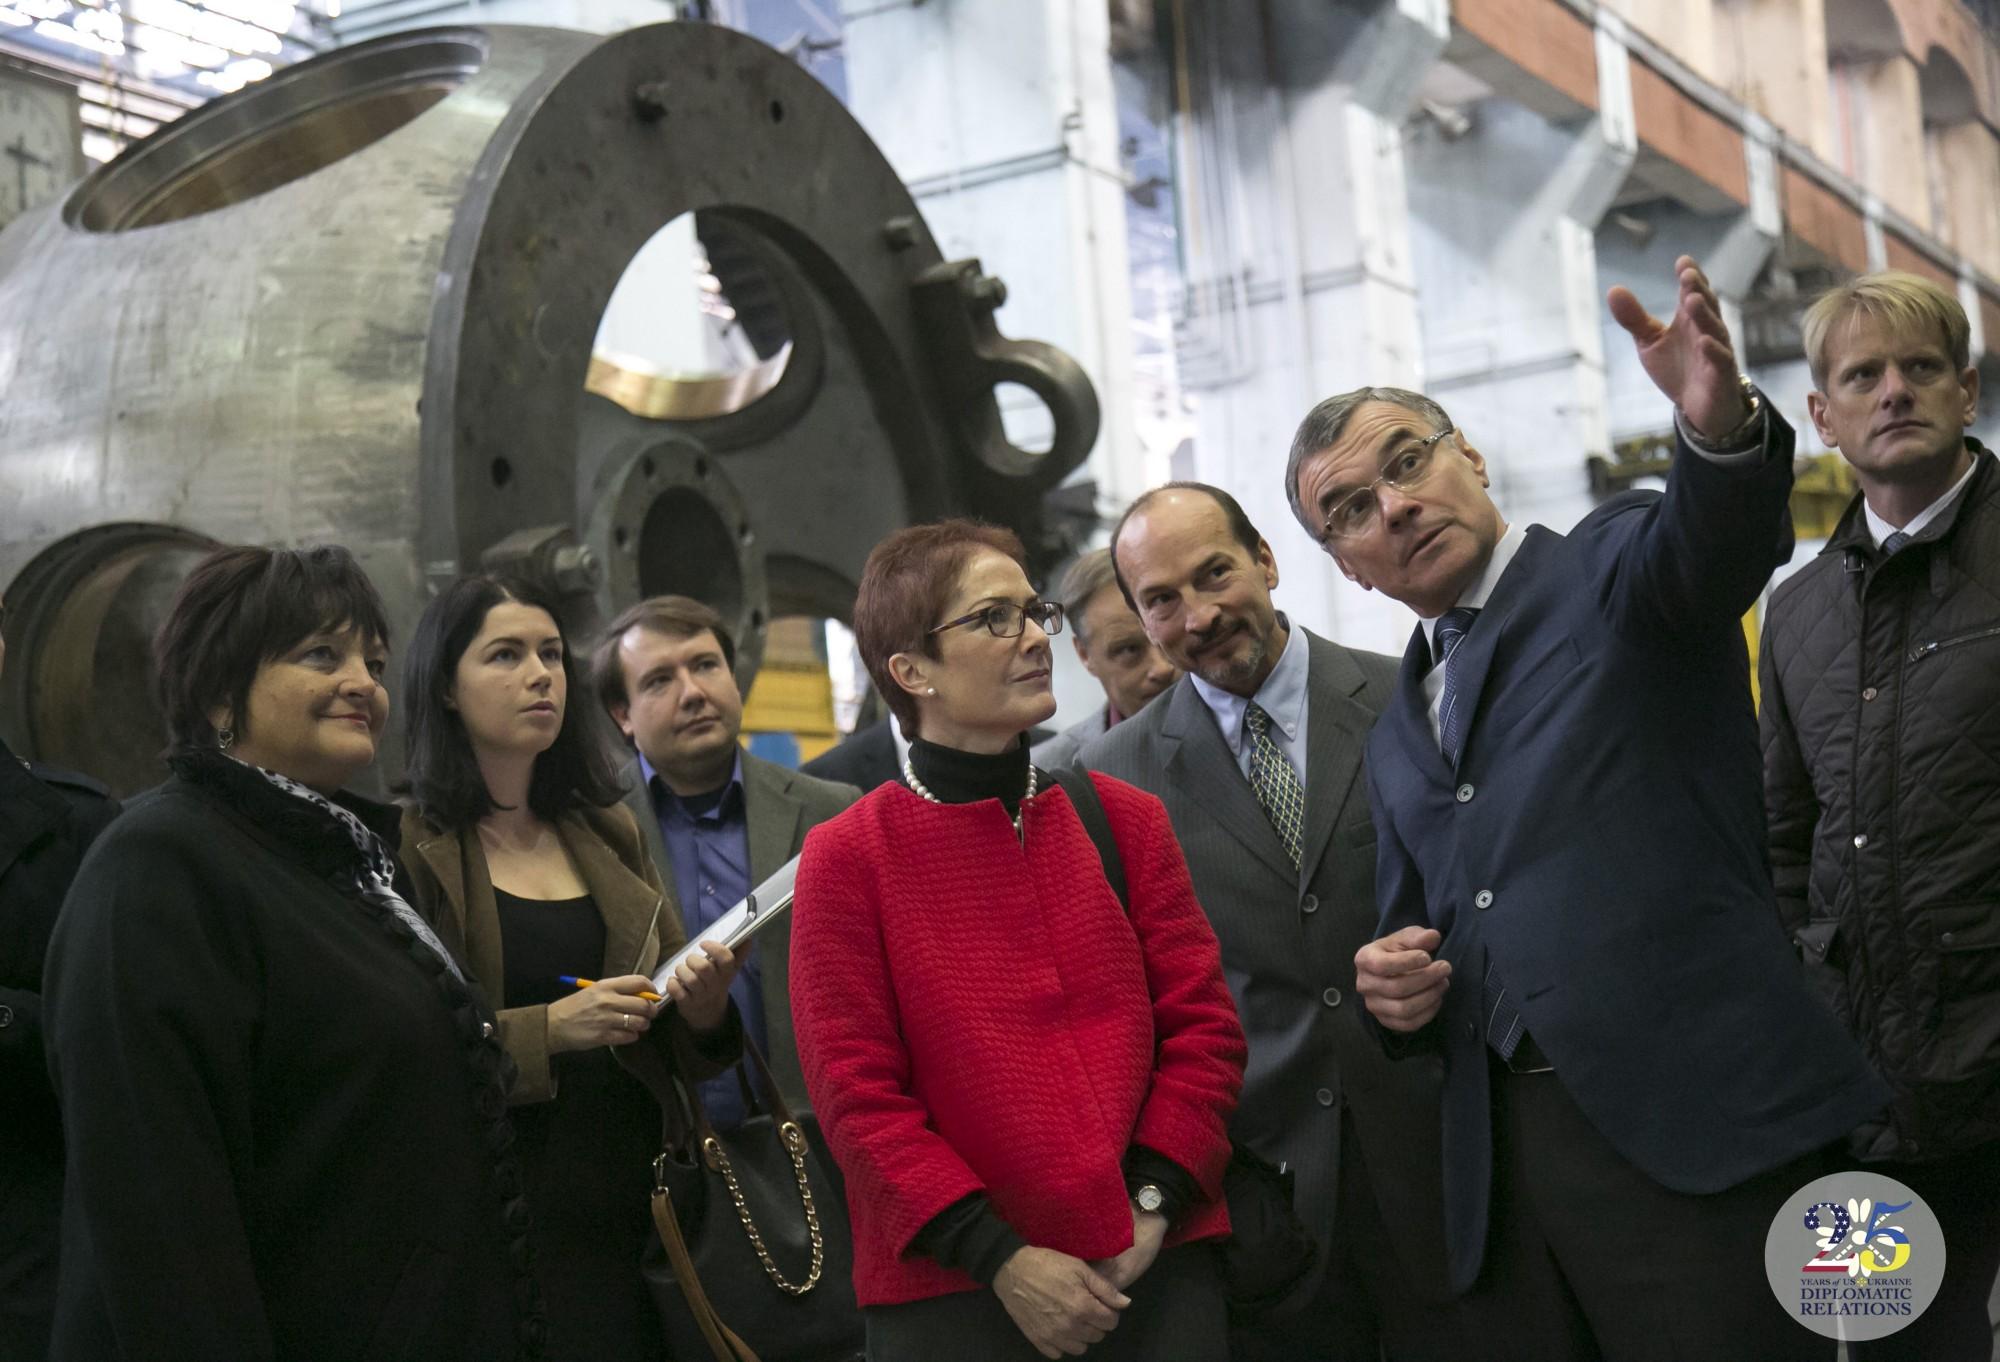 Посол США в Украине Мари Йованович посещает ОАО Турбоатом, Харьков, 2016 год.